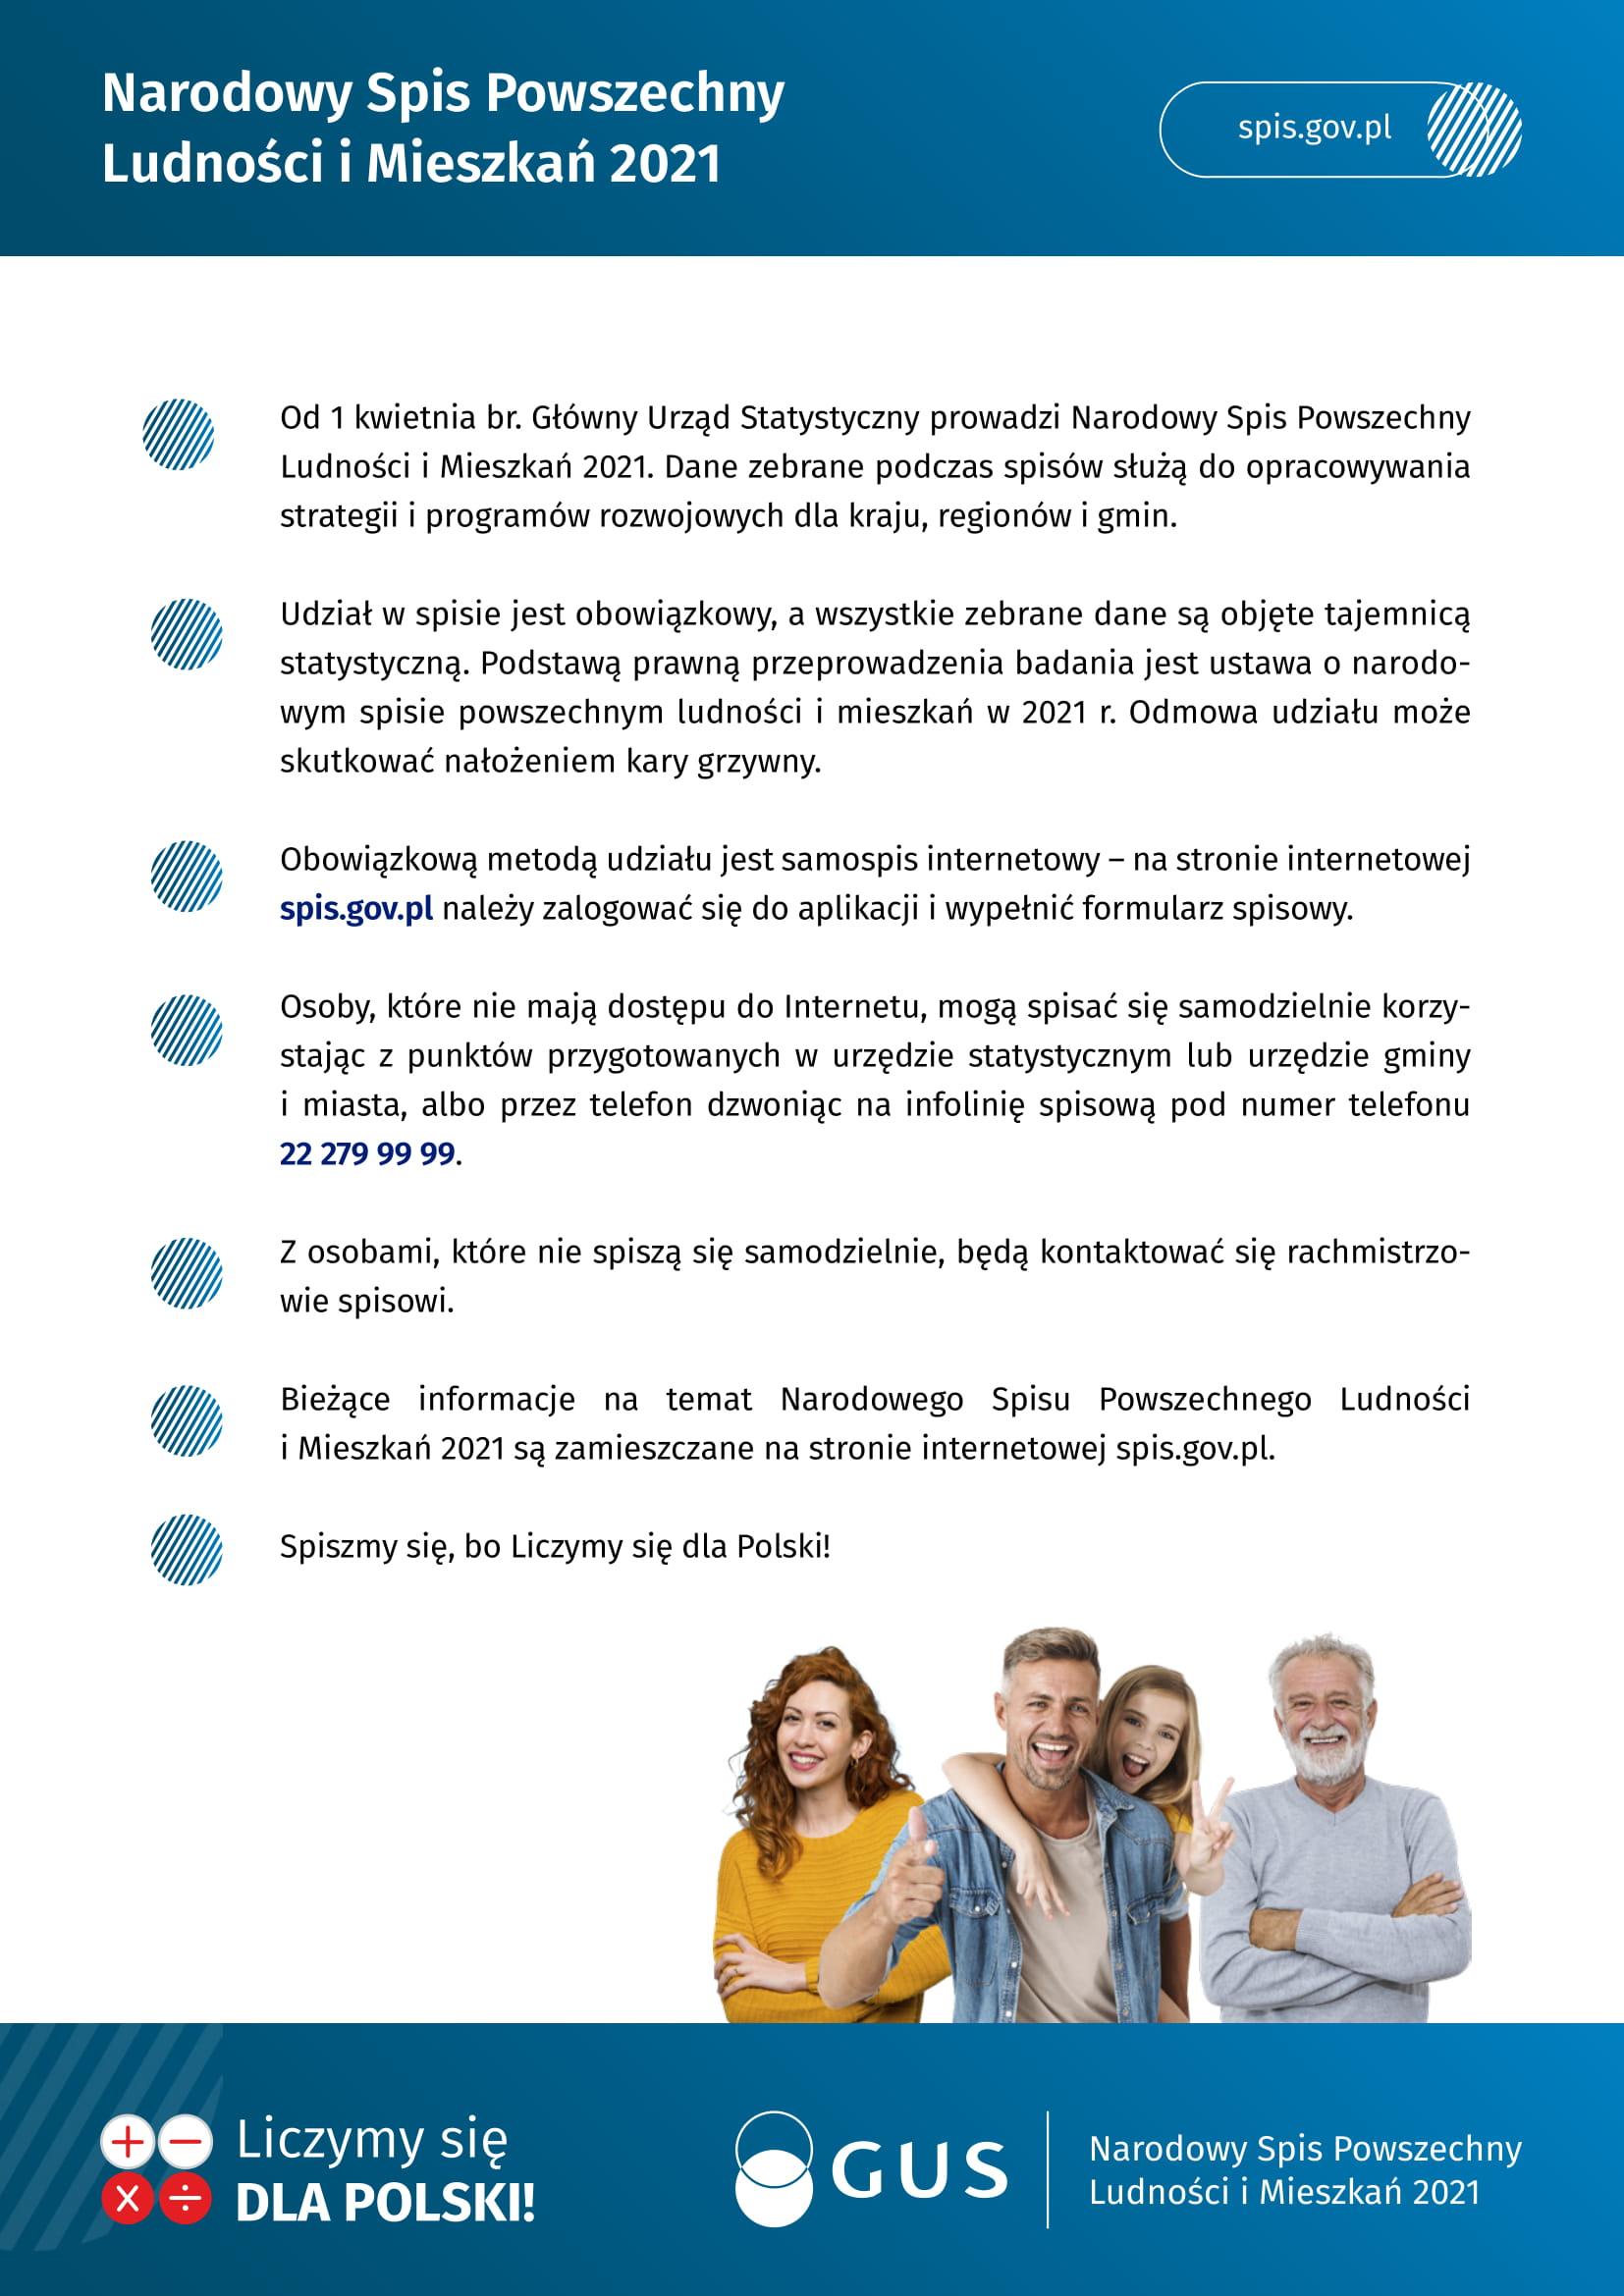 Narodowy-Spis-Powszechny-Ludnosci-i-Mieszkan-